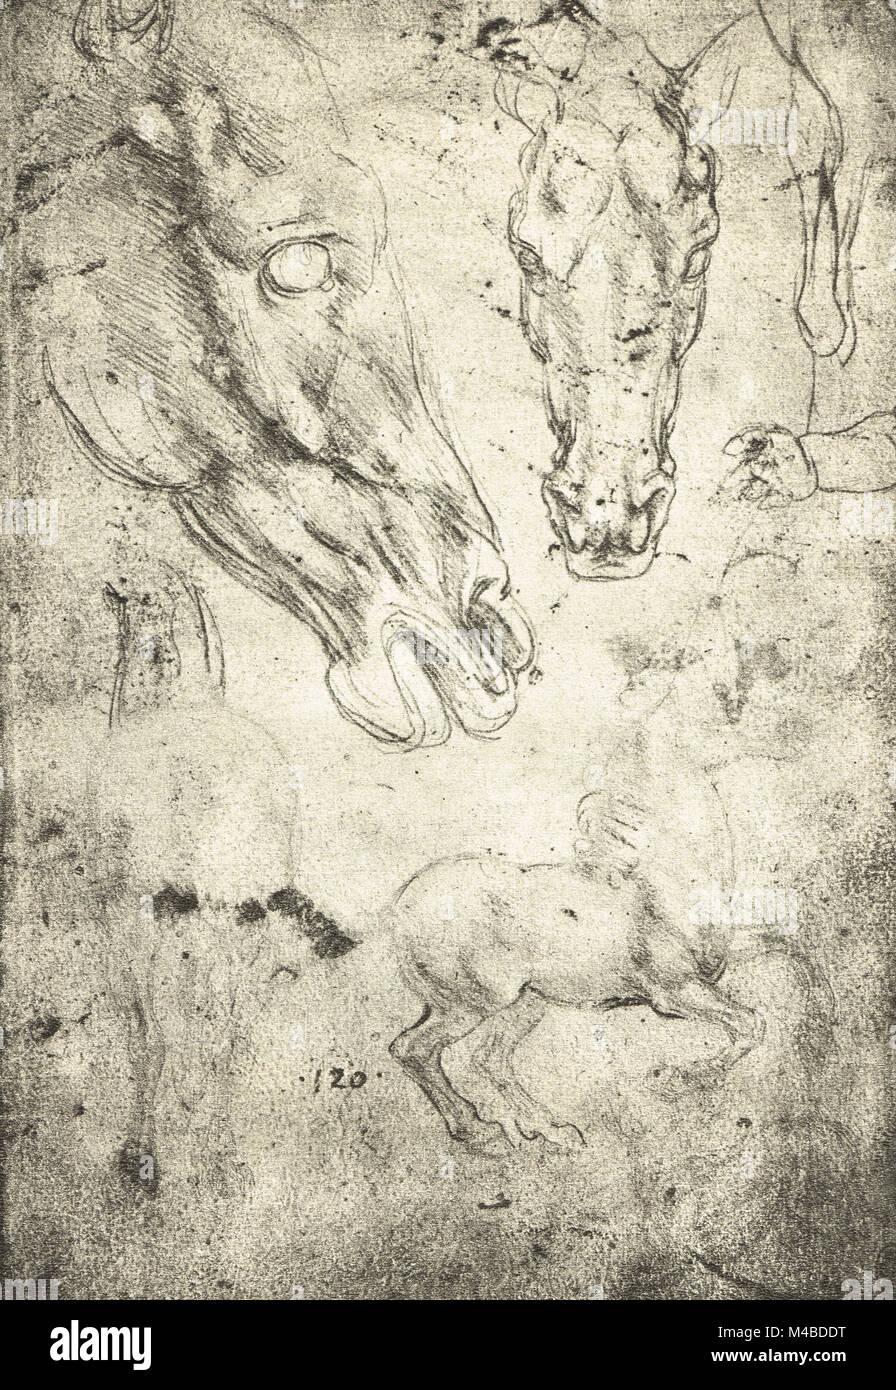 Fantastisch Leonardo Da Vinci Anatomie Entdeckungen Zeitgenössisch ...